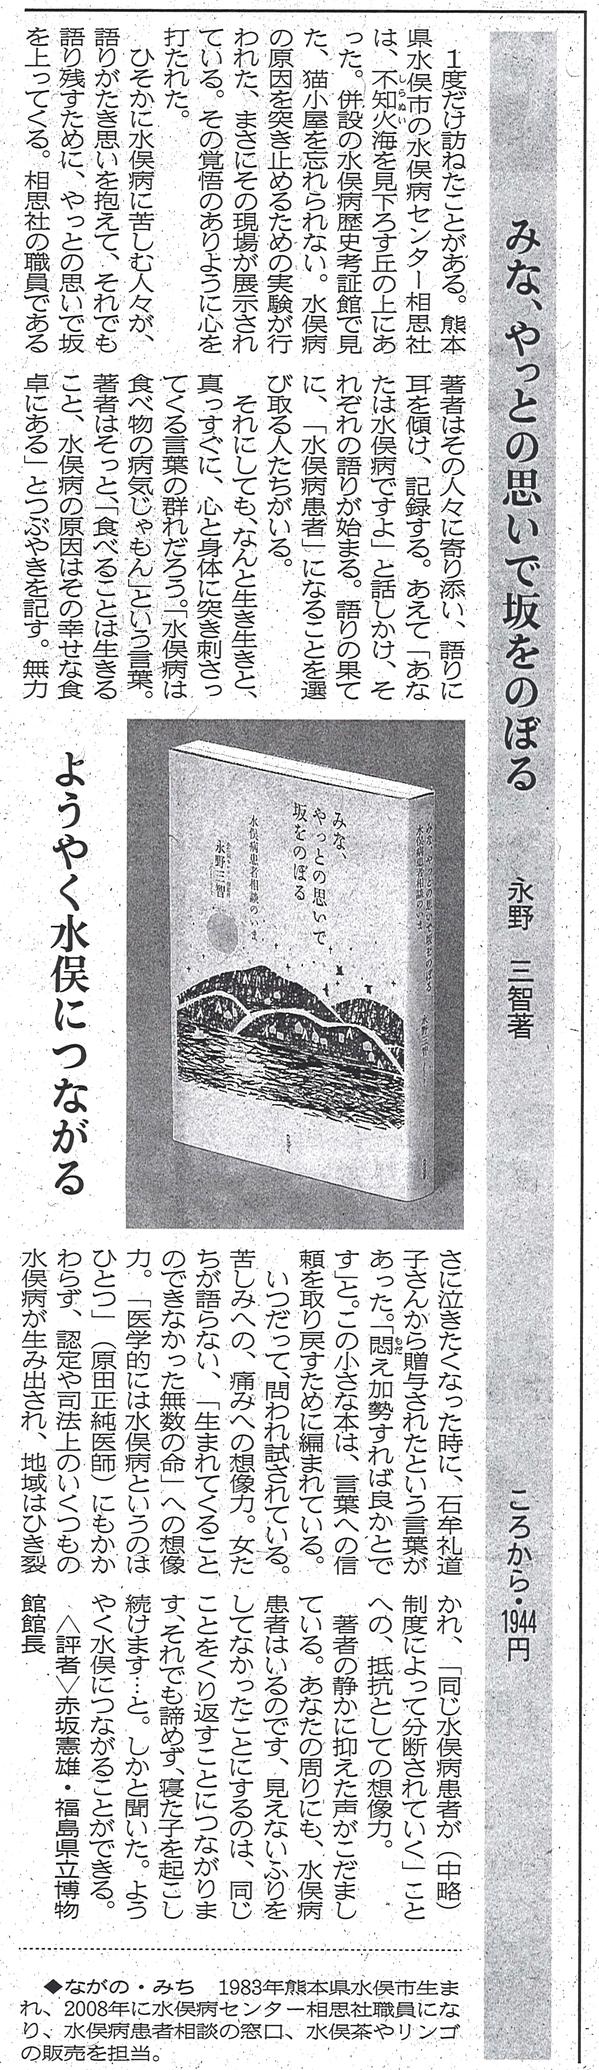 山陰新聞2018年11月4日.jpg